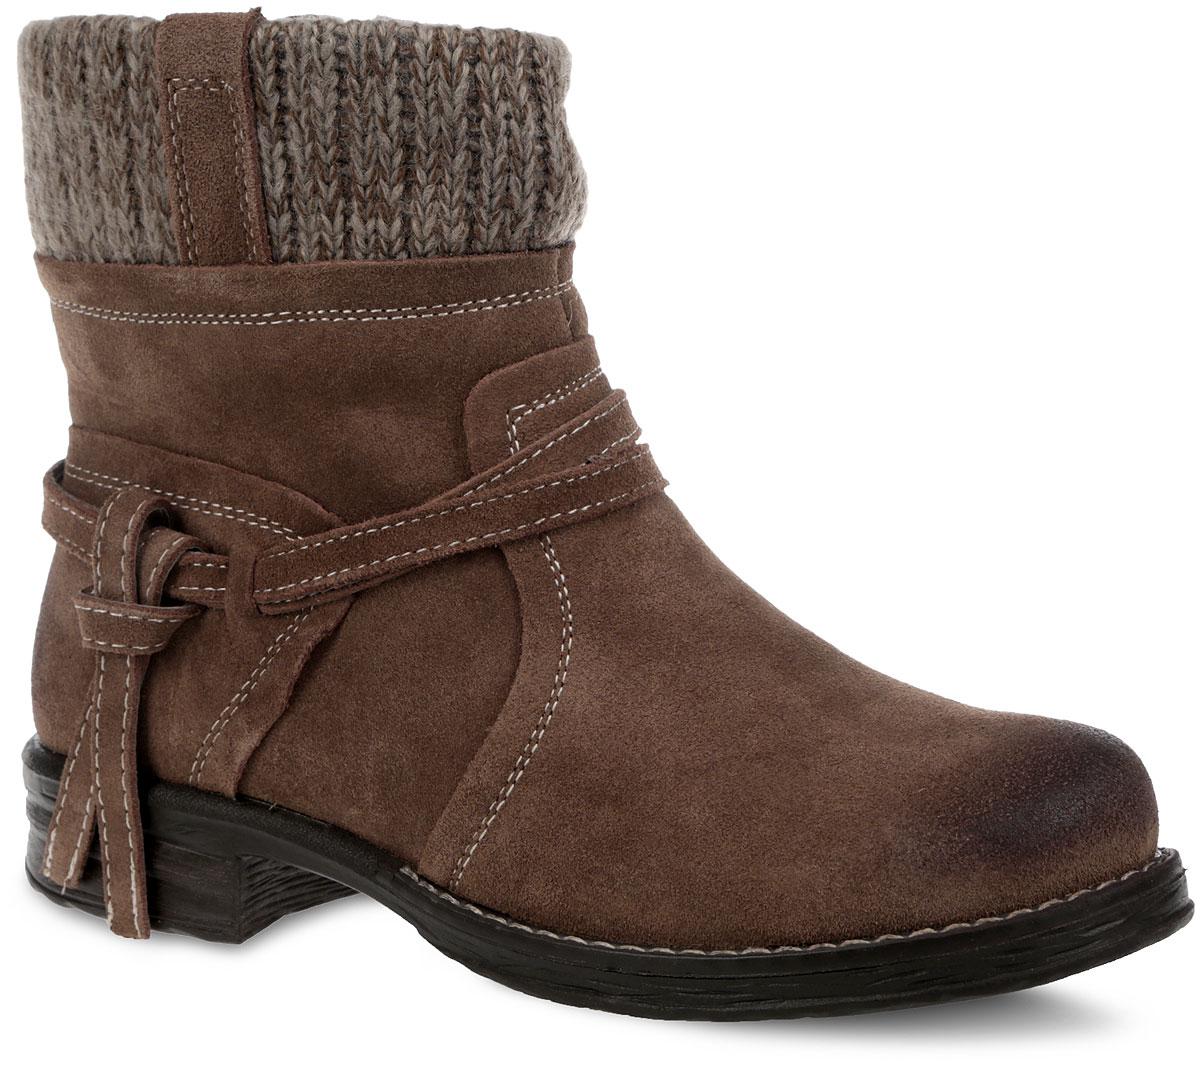 Ботинки женские Samanta. STL 0105-15